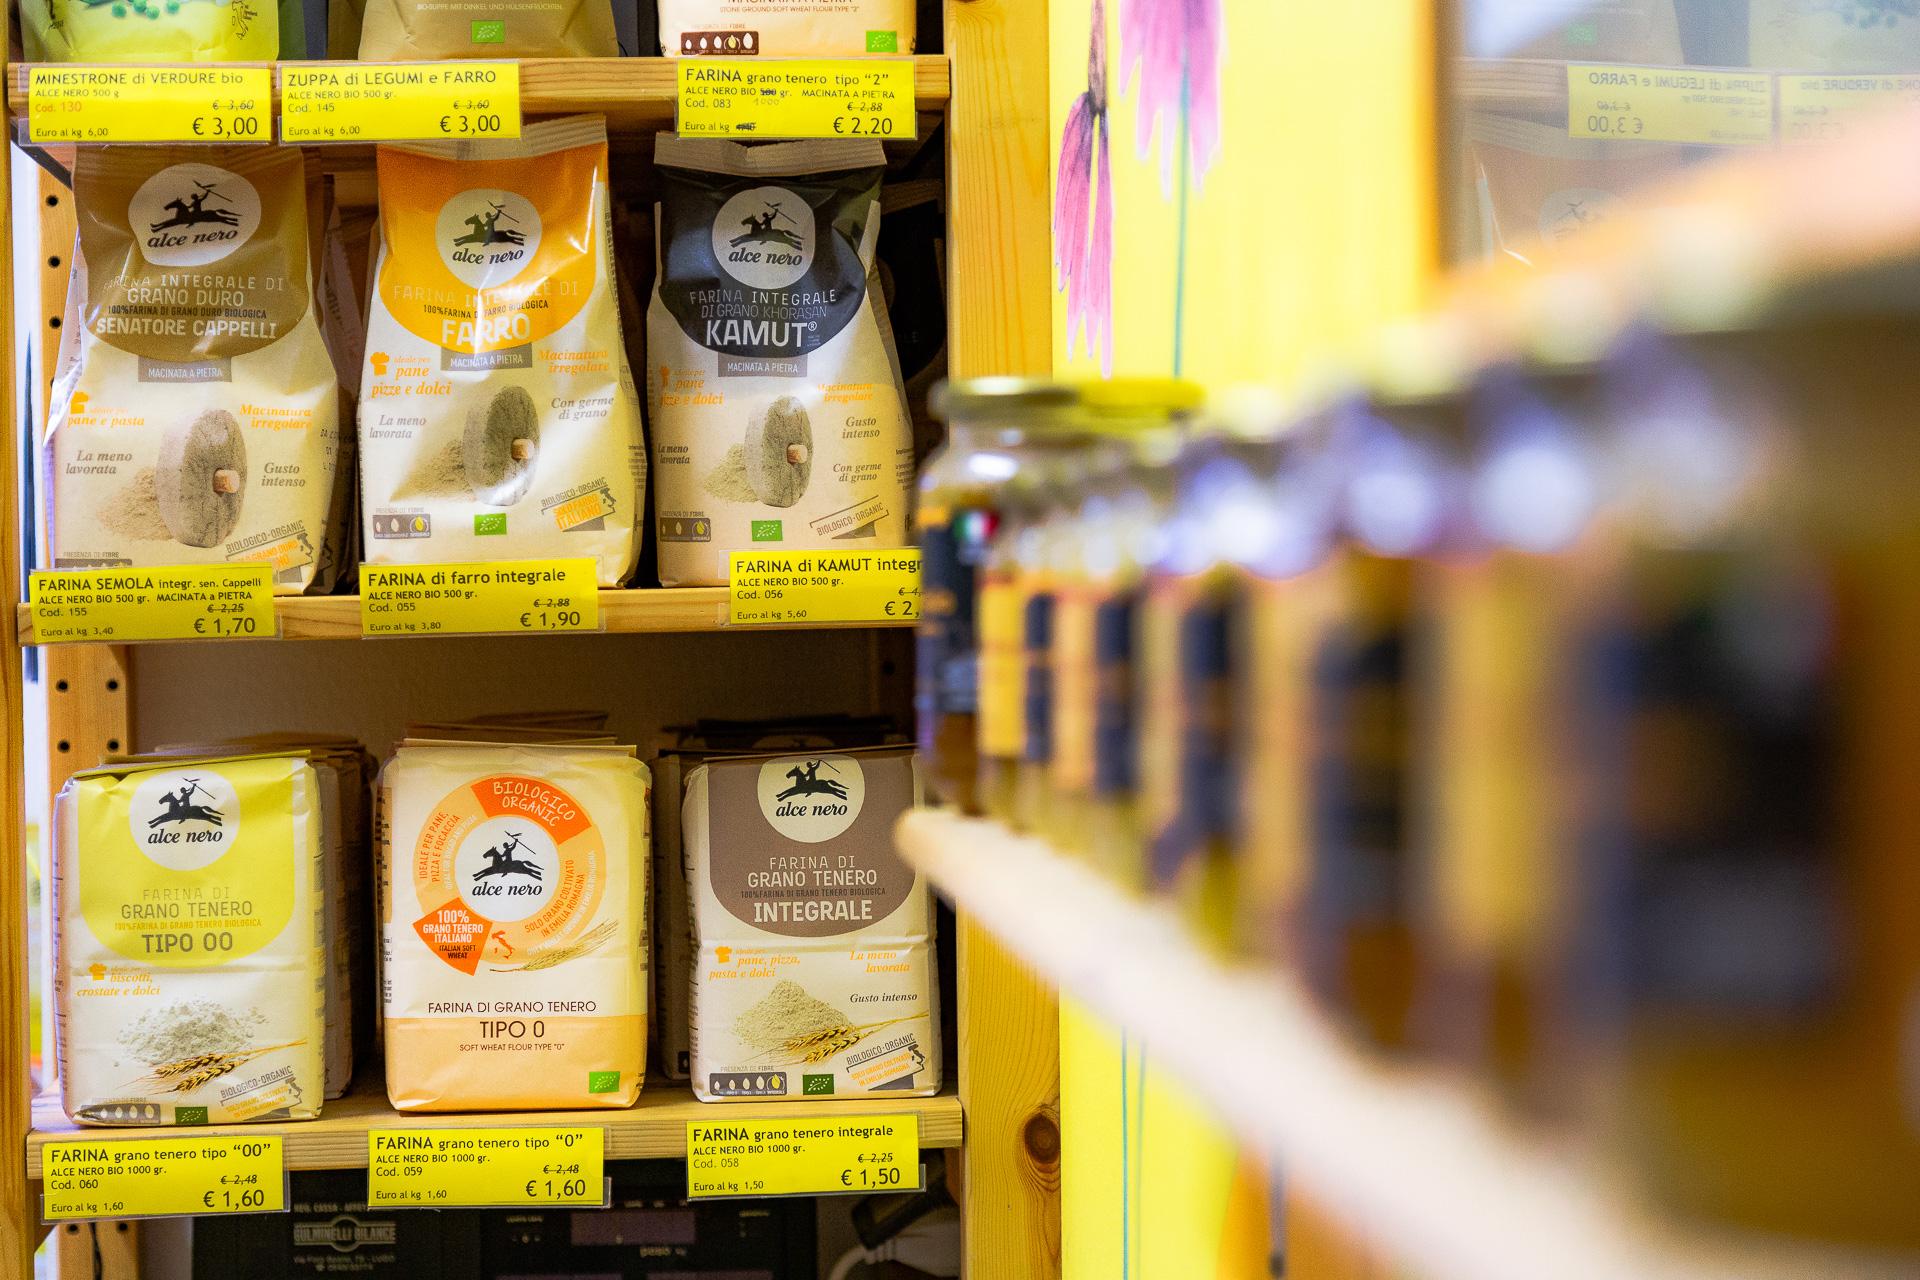 punto vendita apicoltura martelli toscanella di dozza